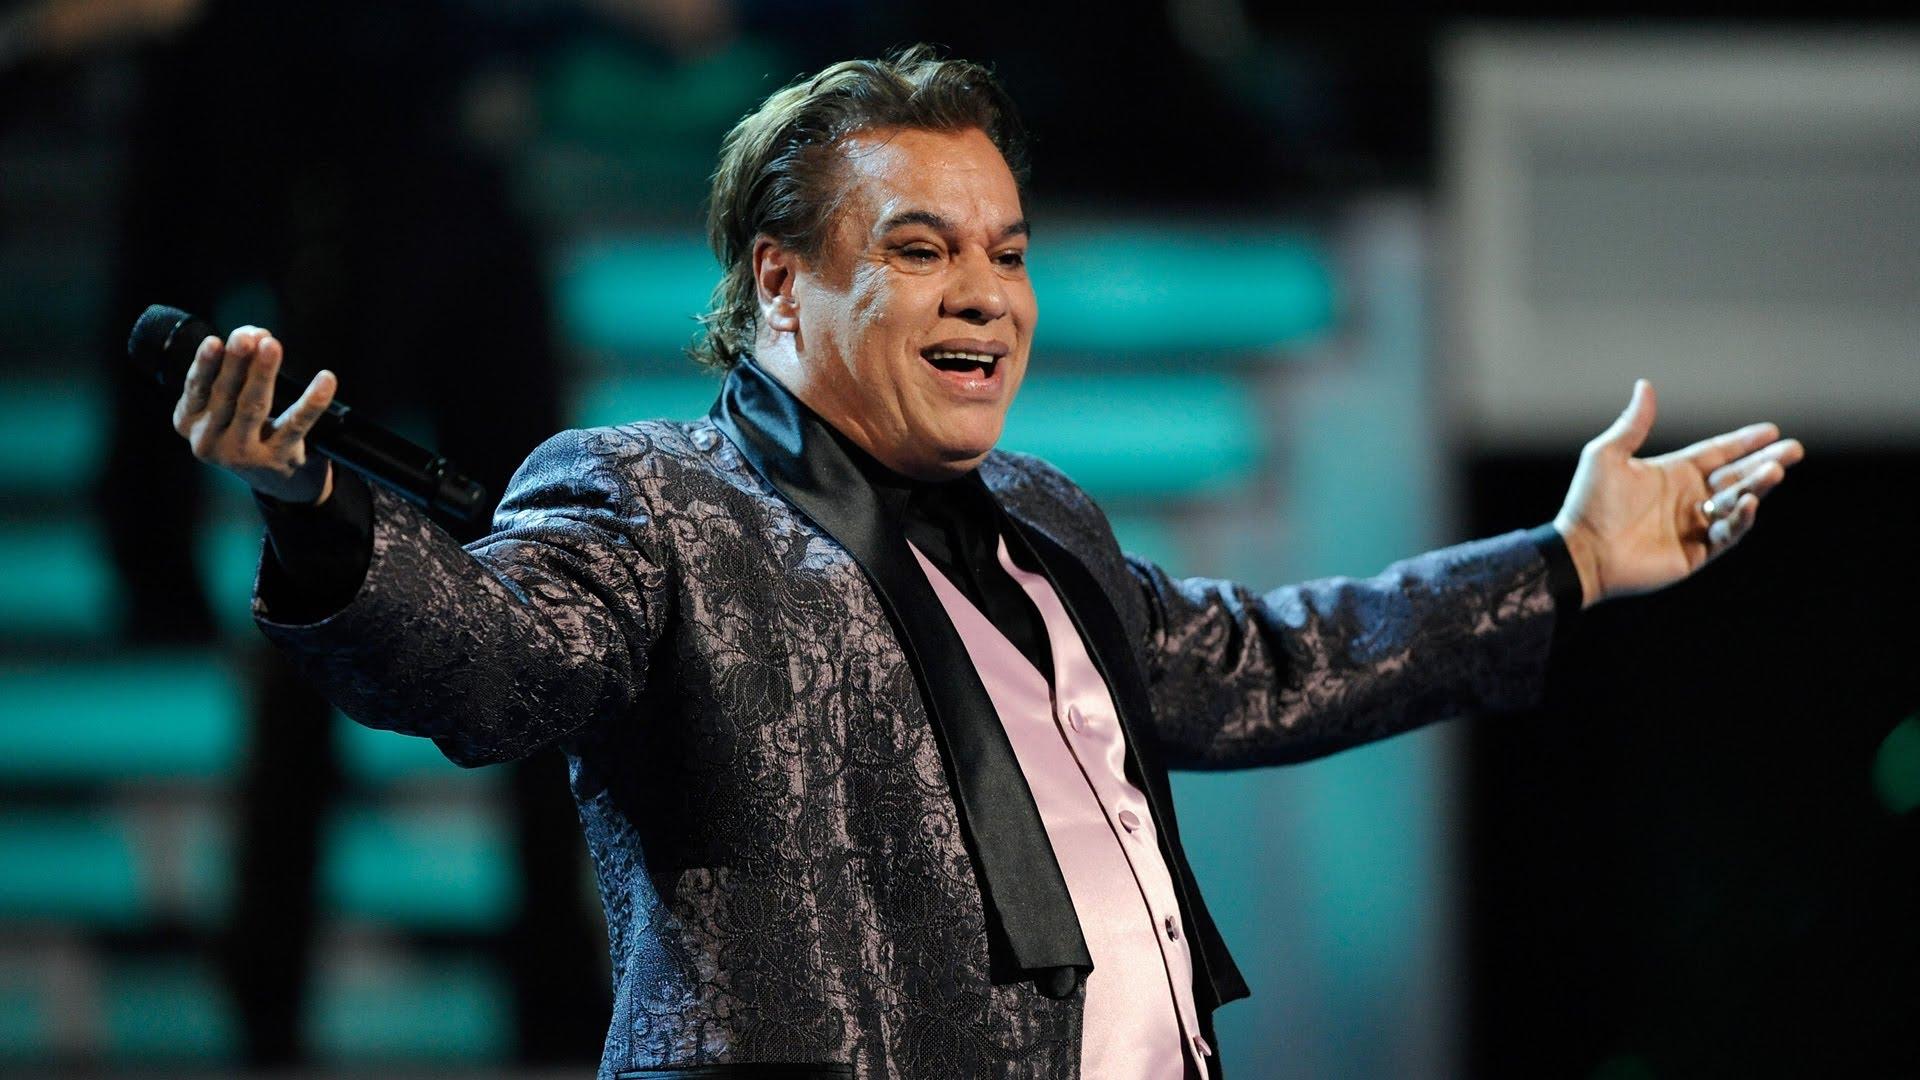 Adiós, Juan Grabriel. Falleció el famoso cantautor mexicano.